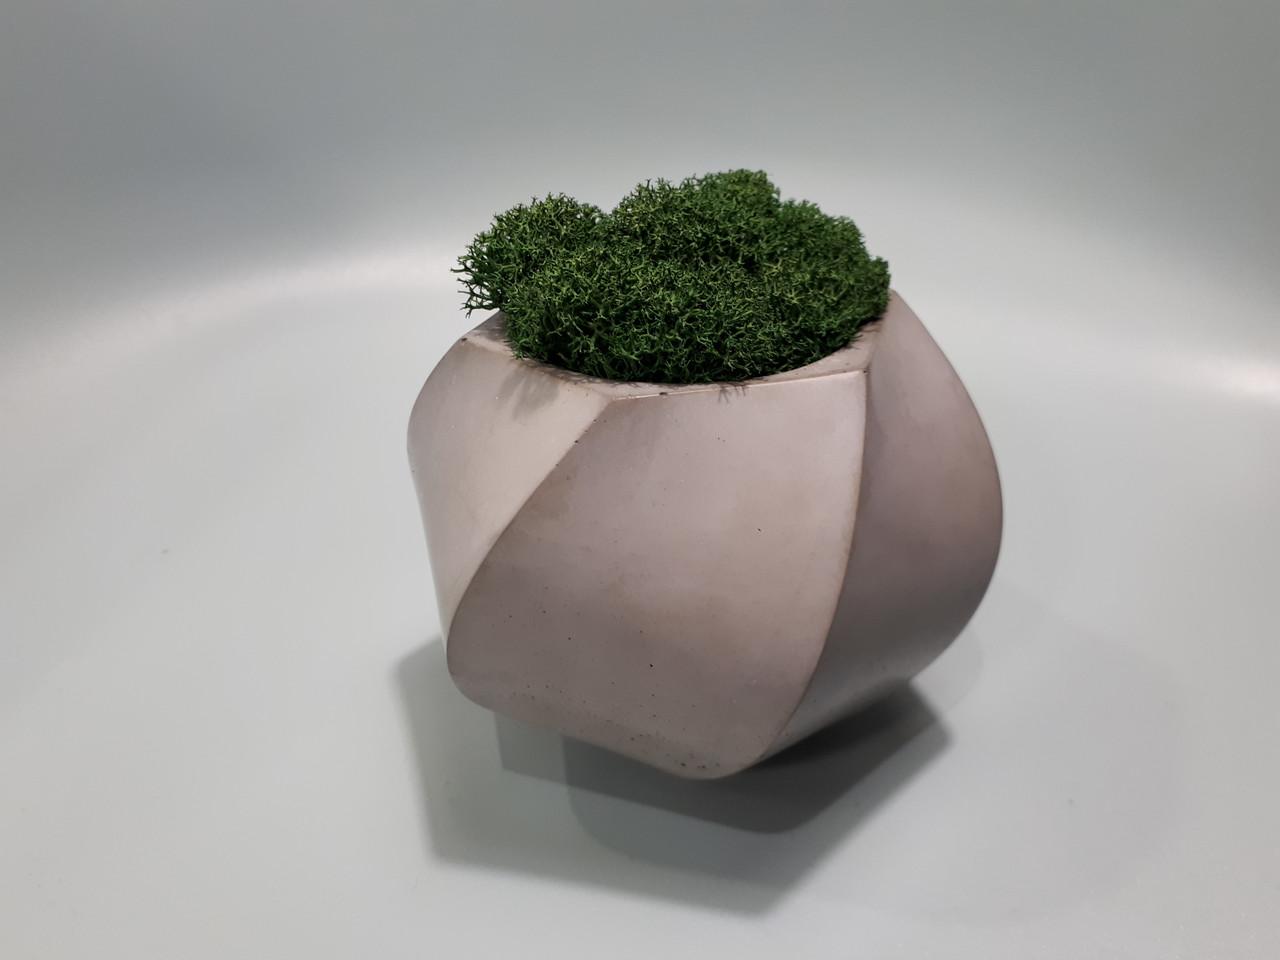 Кашпо  для цветов из бетона Д-95 мм